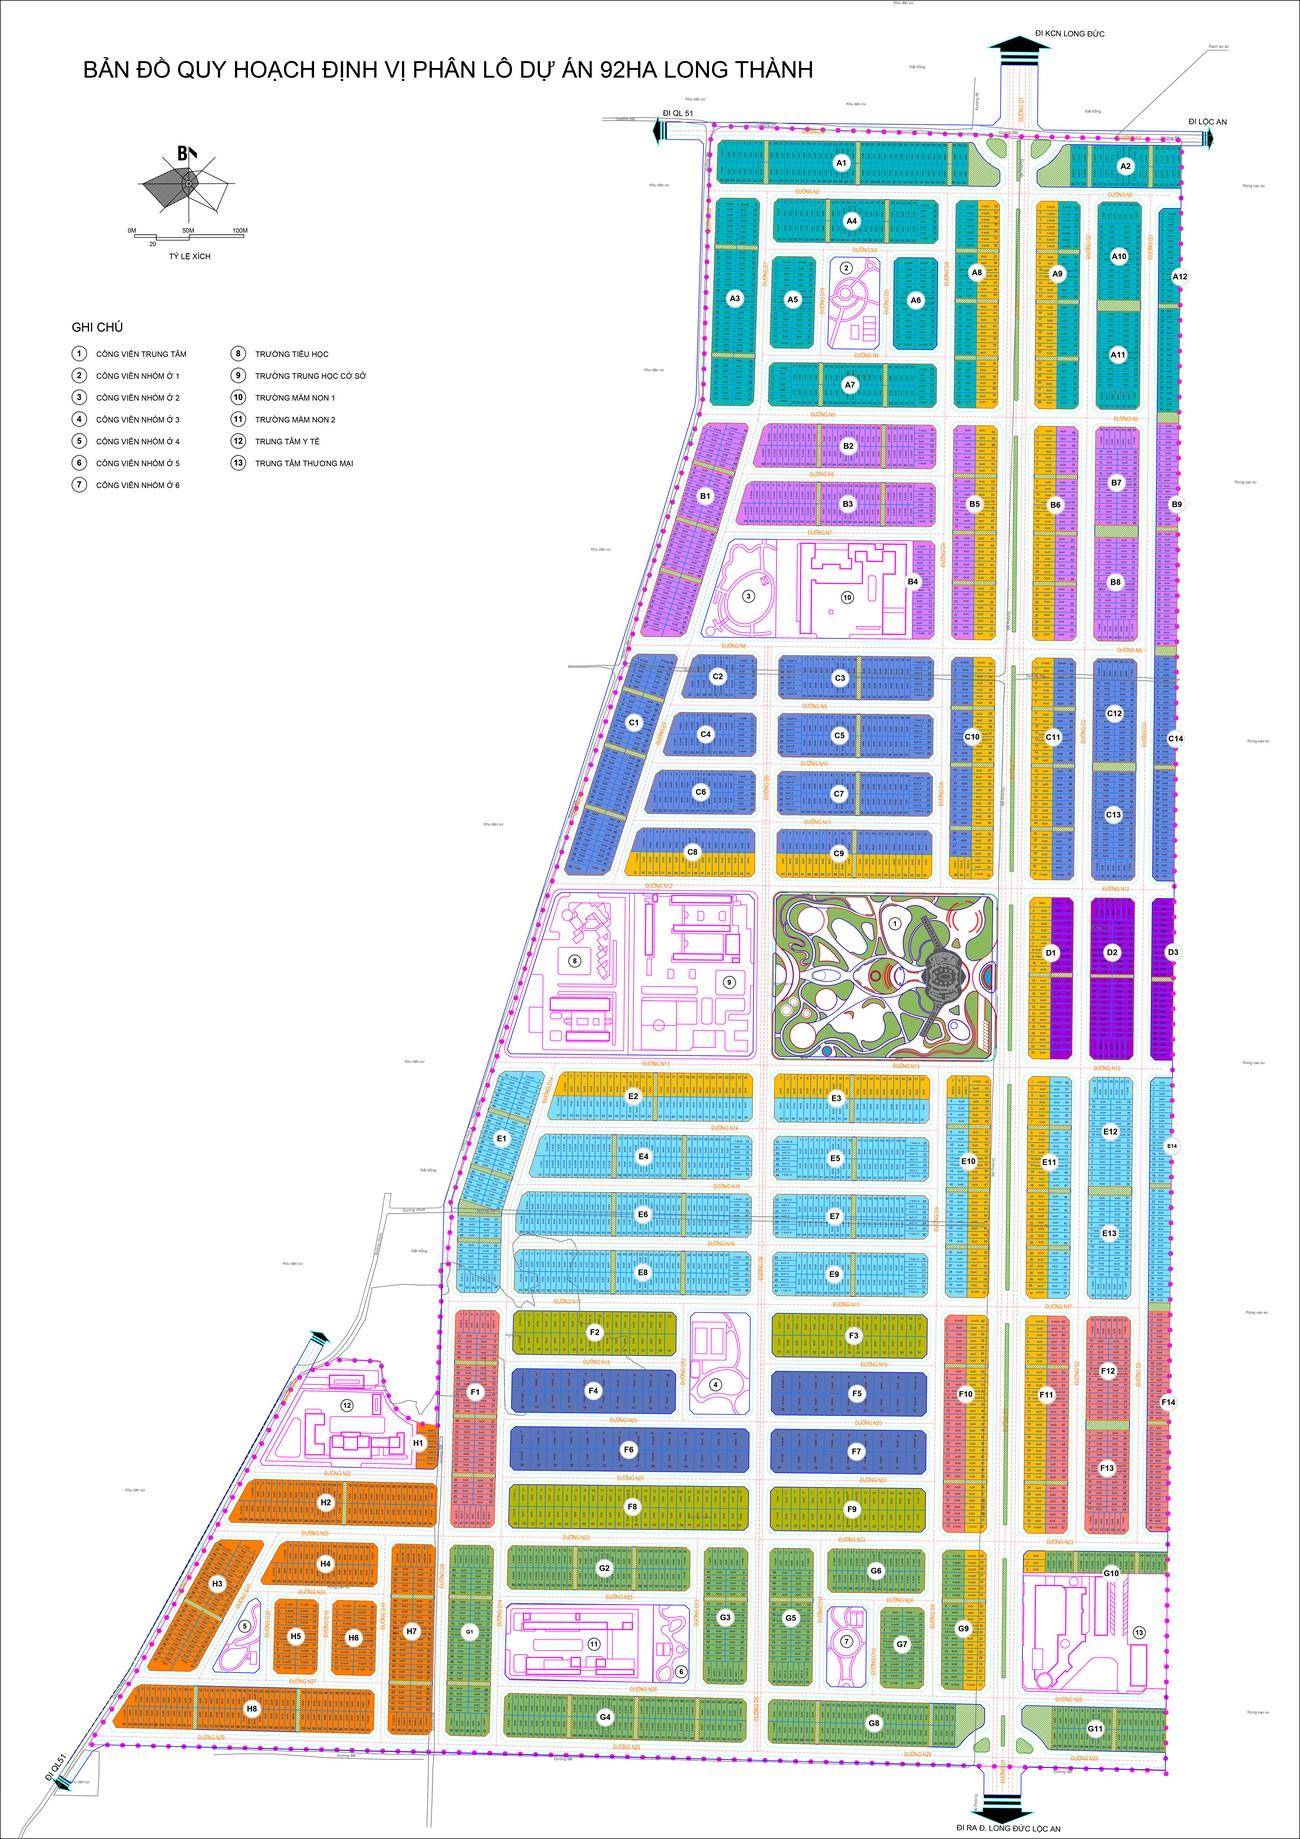 Bản đồ quy hoạch định vị phân lô dự án Gem Sky World Long Thành